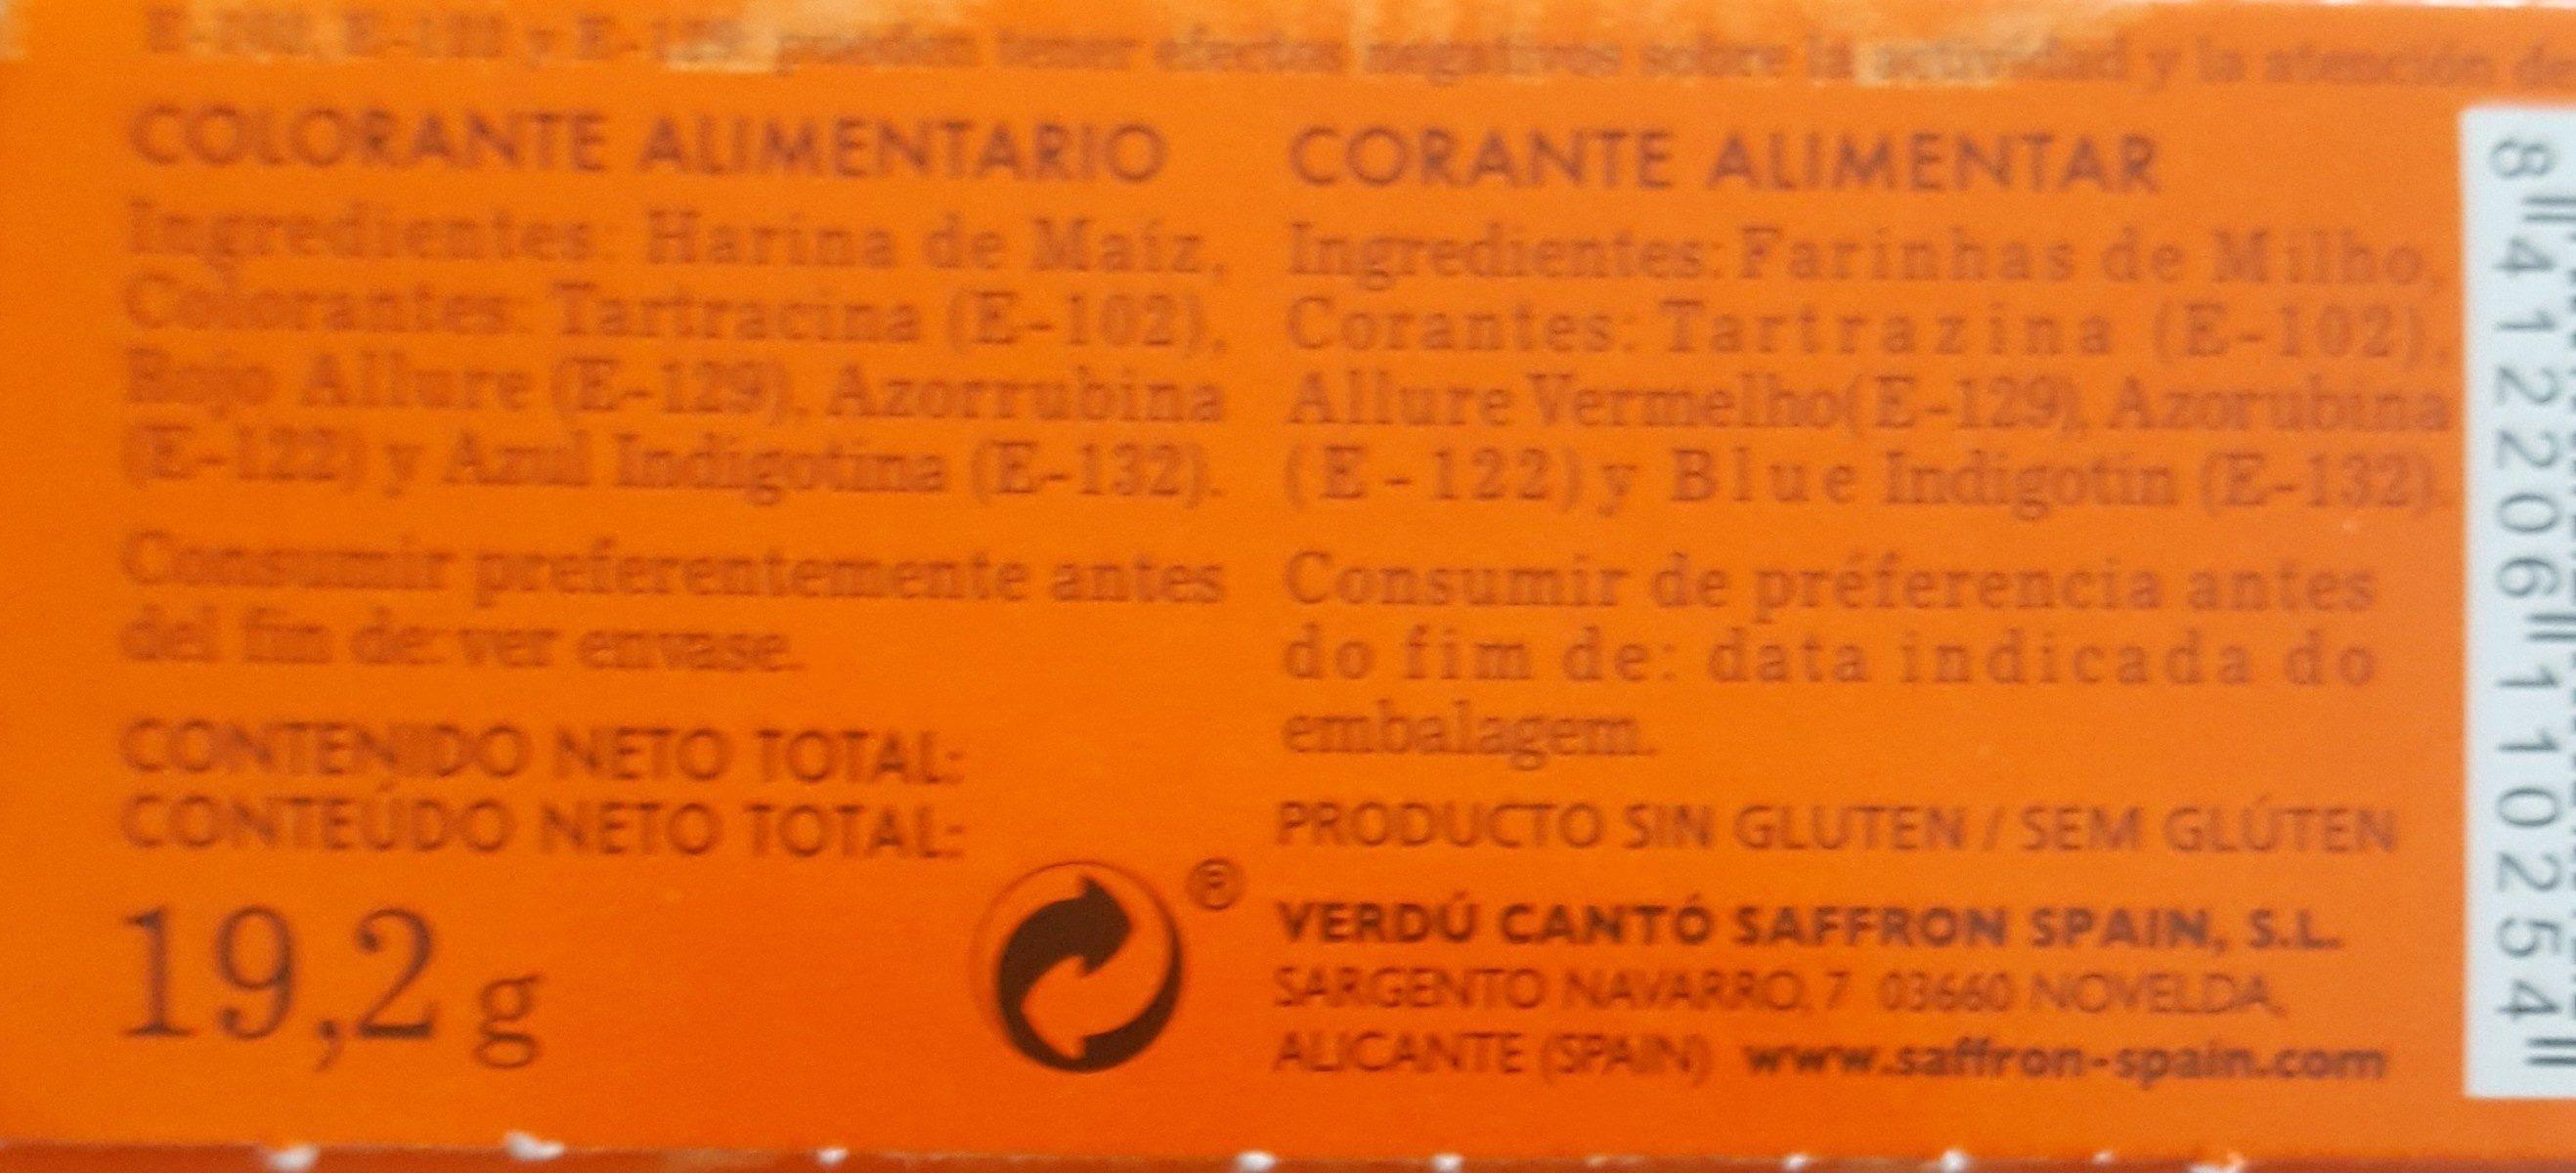 Colorante Alimentario - Ingredients - fr